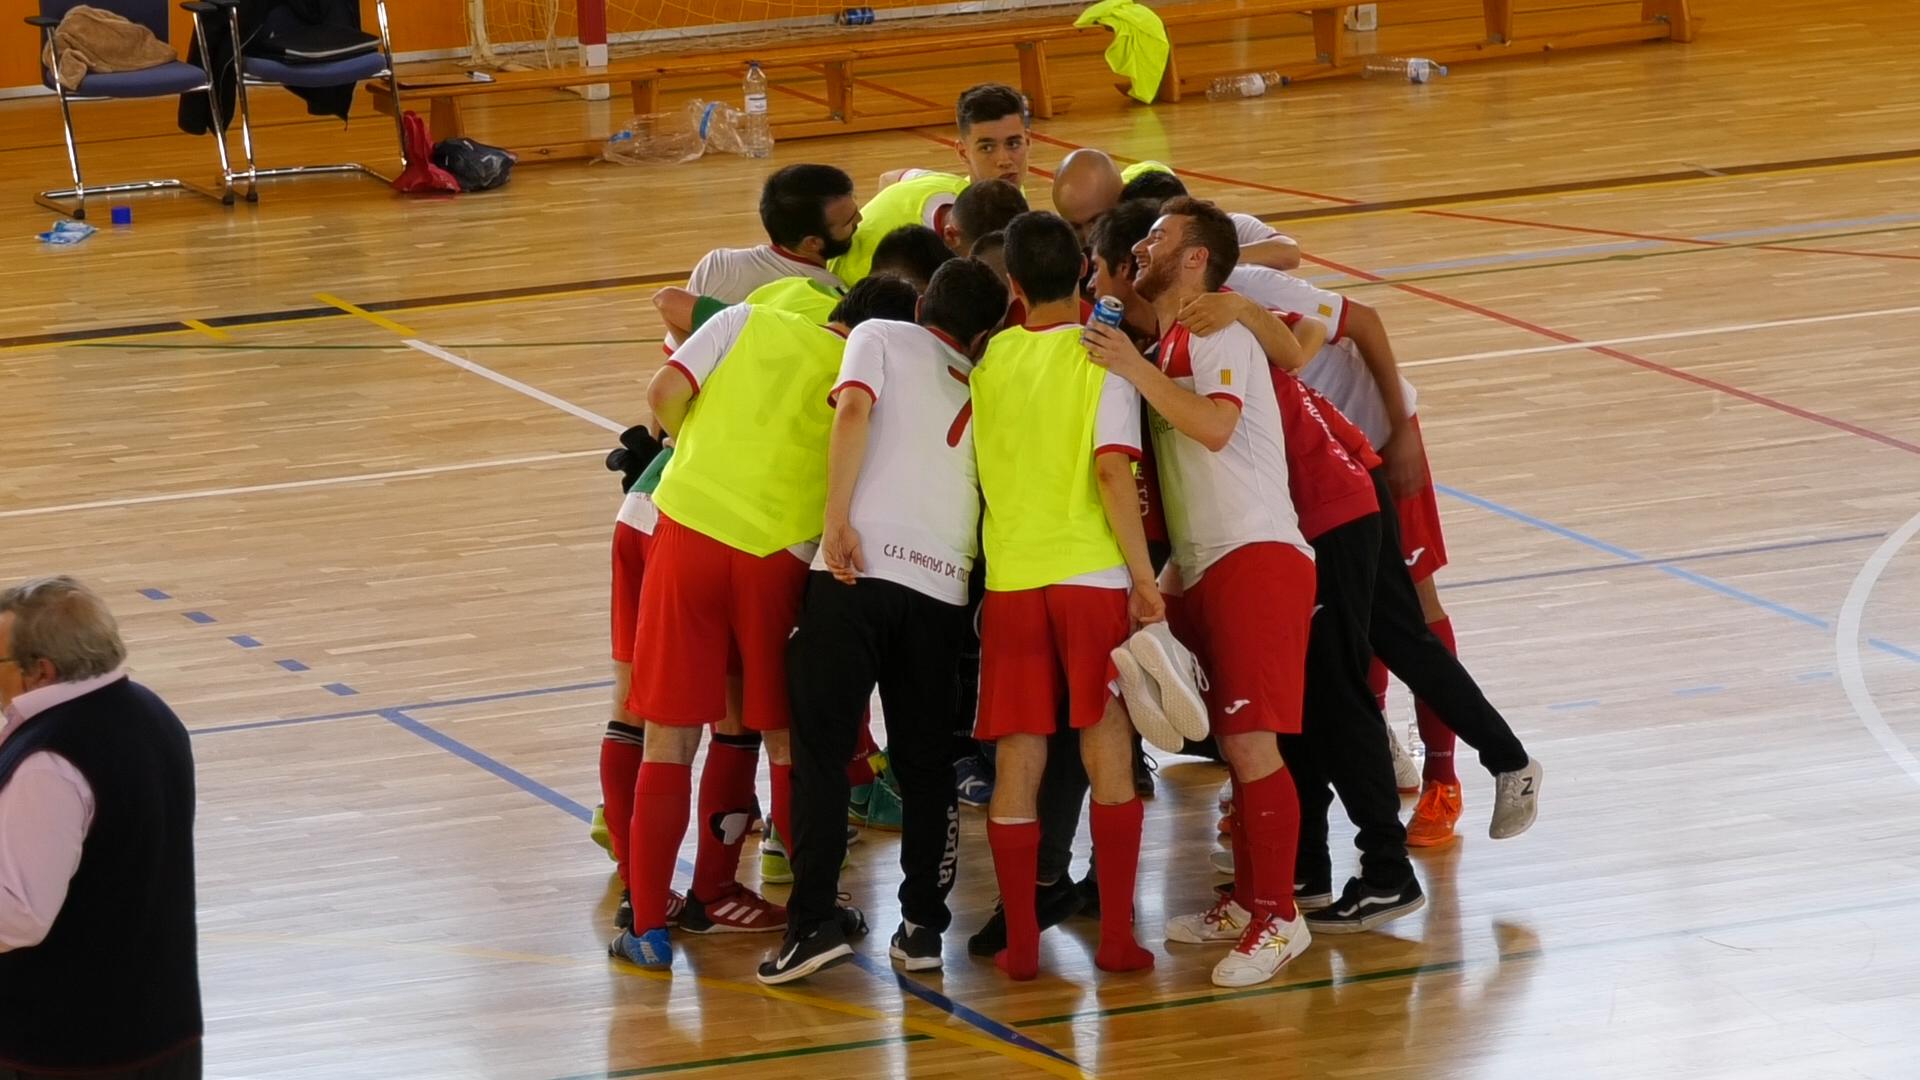 NOU REPORTATGE: L'Ajuntament d'Arenys de Munt celebra l'ascens del Club Futbol Sala